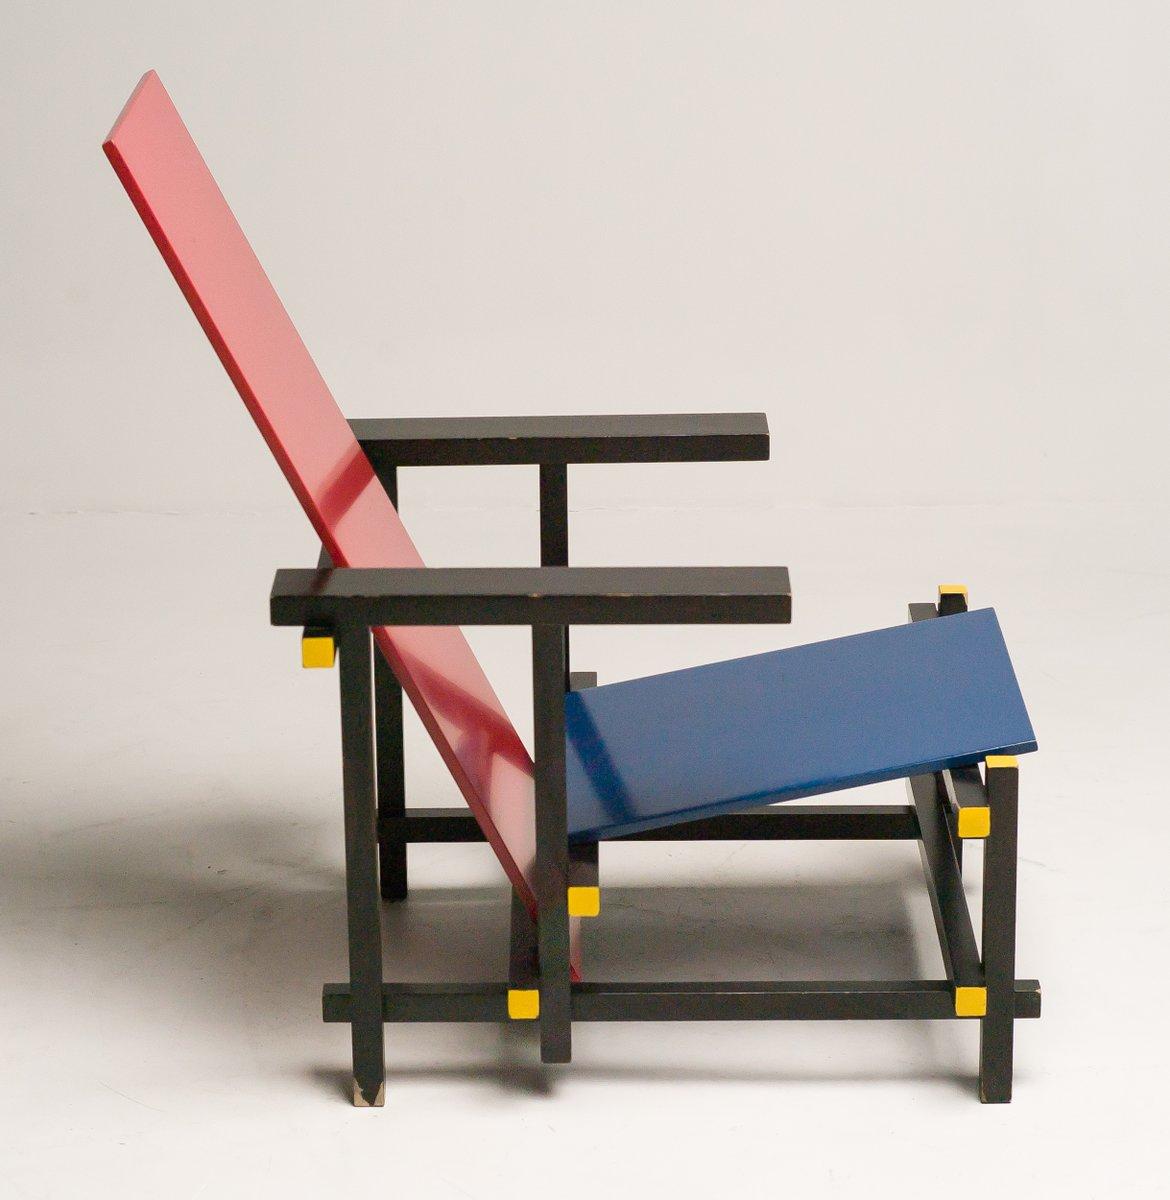 chaise rouge et bleue par gerrit thomas rietveld pour cassina 1978 en vente sur pamono. Black Bedroom Furniture Sets. Home Design Ideas